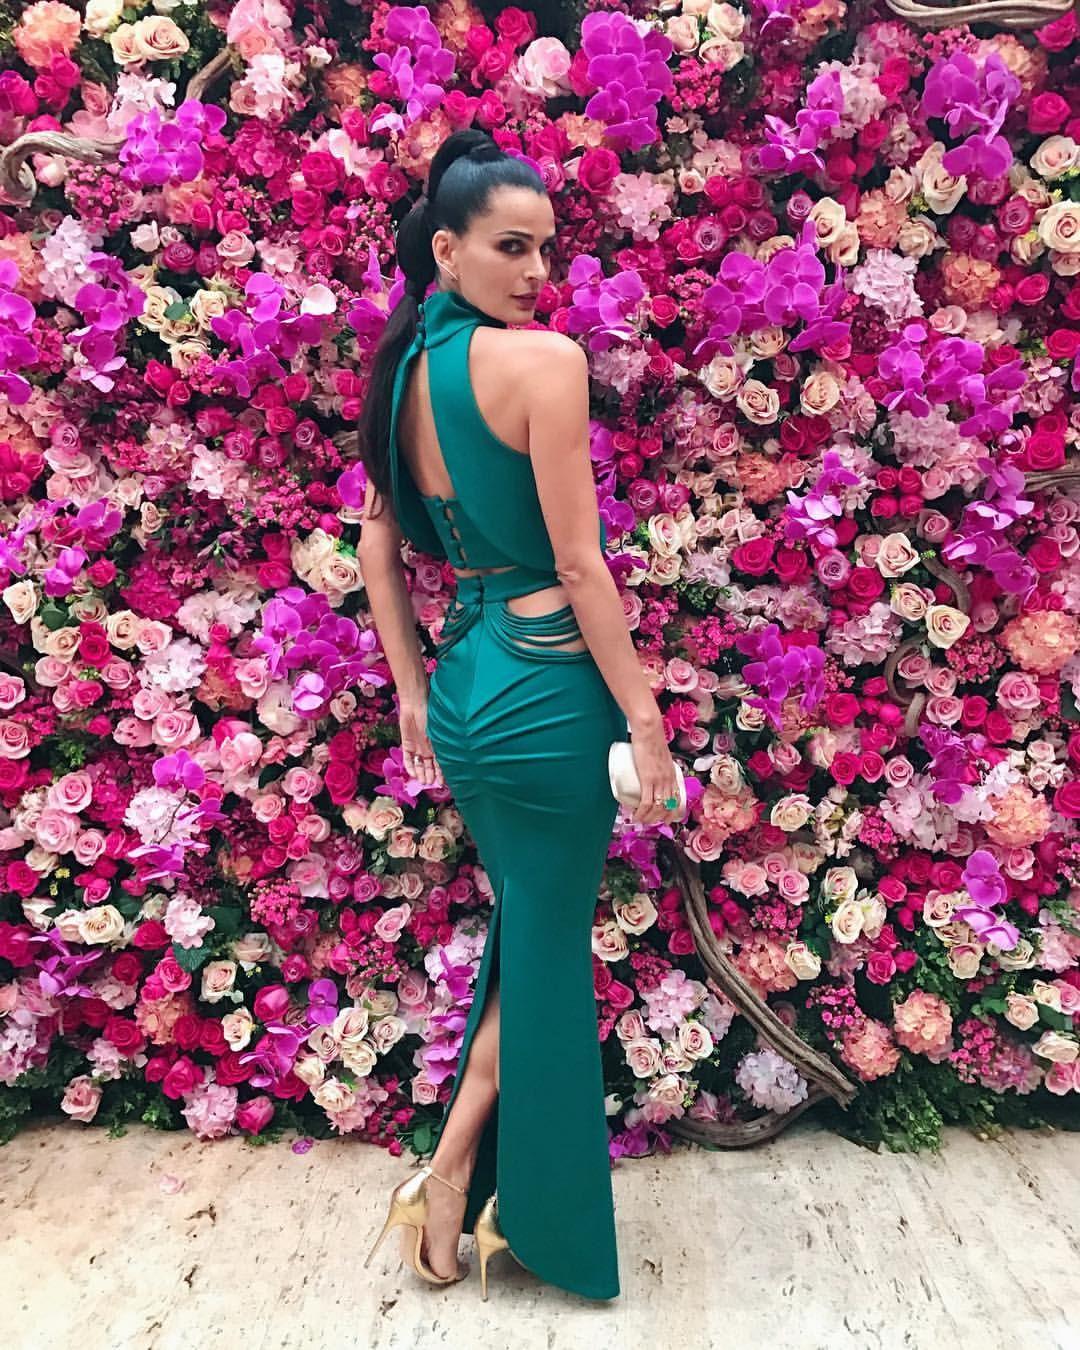 Pin de JÚHBeatriz_ en Vestidos de gala | Pinterest | Vestido de gala ...